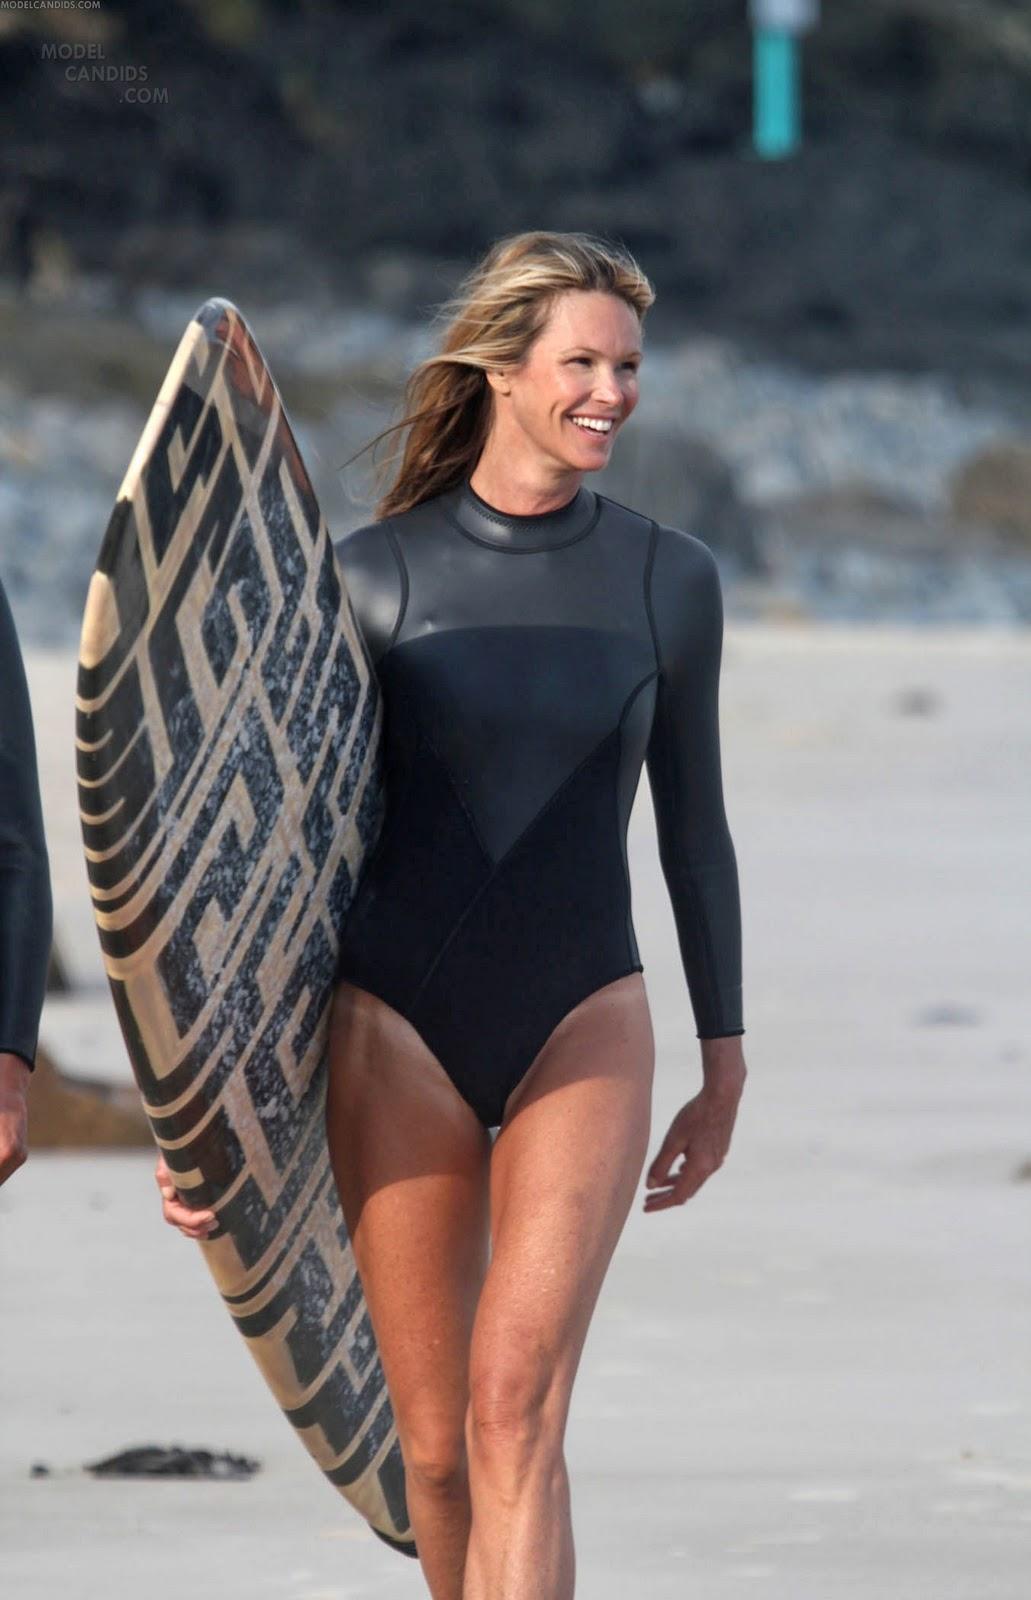 http://4.bp.blogspot.com/-8y4-ao5Wz5w/Twnu7wg8KnI/AAAAAAAACW4/gDfTHTgMRC4/s1600/elle-macpherson-surfing-i-148.jpg